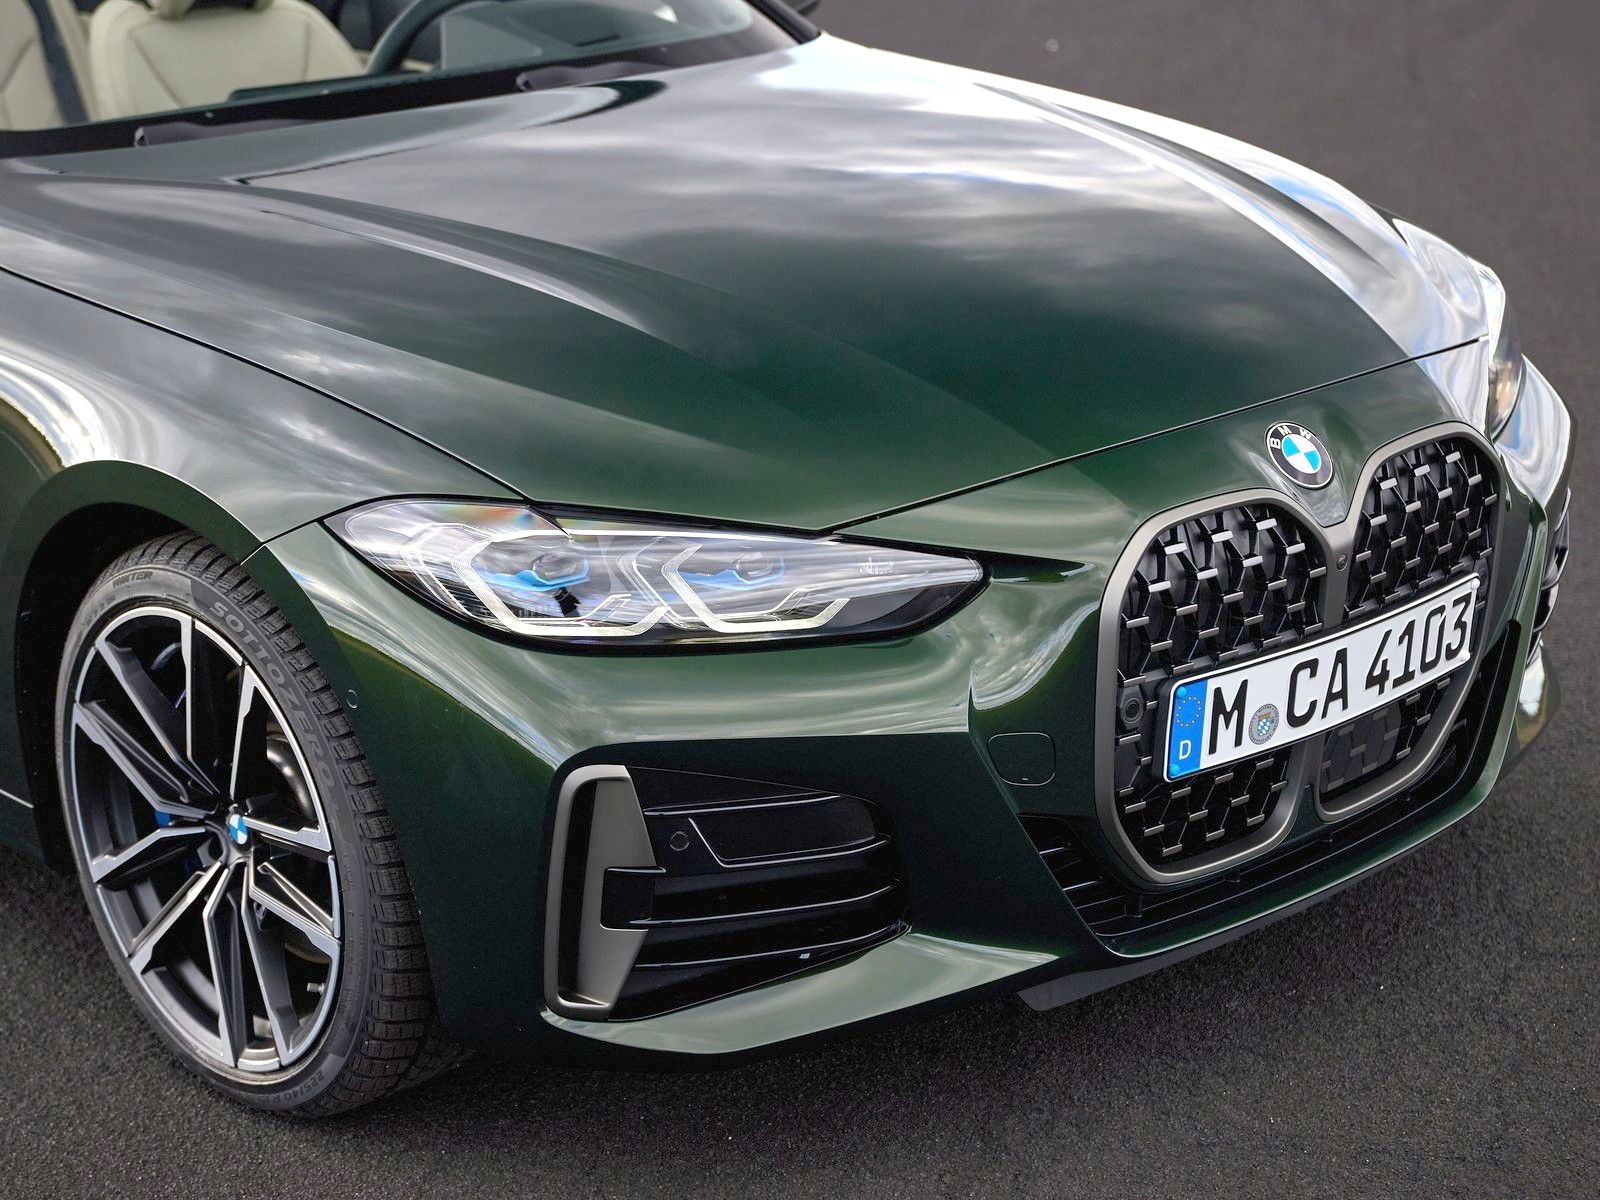 VOITURES DE LEGENDE (1252) : BMW  SERIE 4  M440i CABRIOLET - 2021